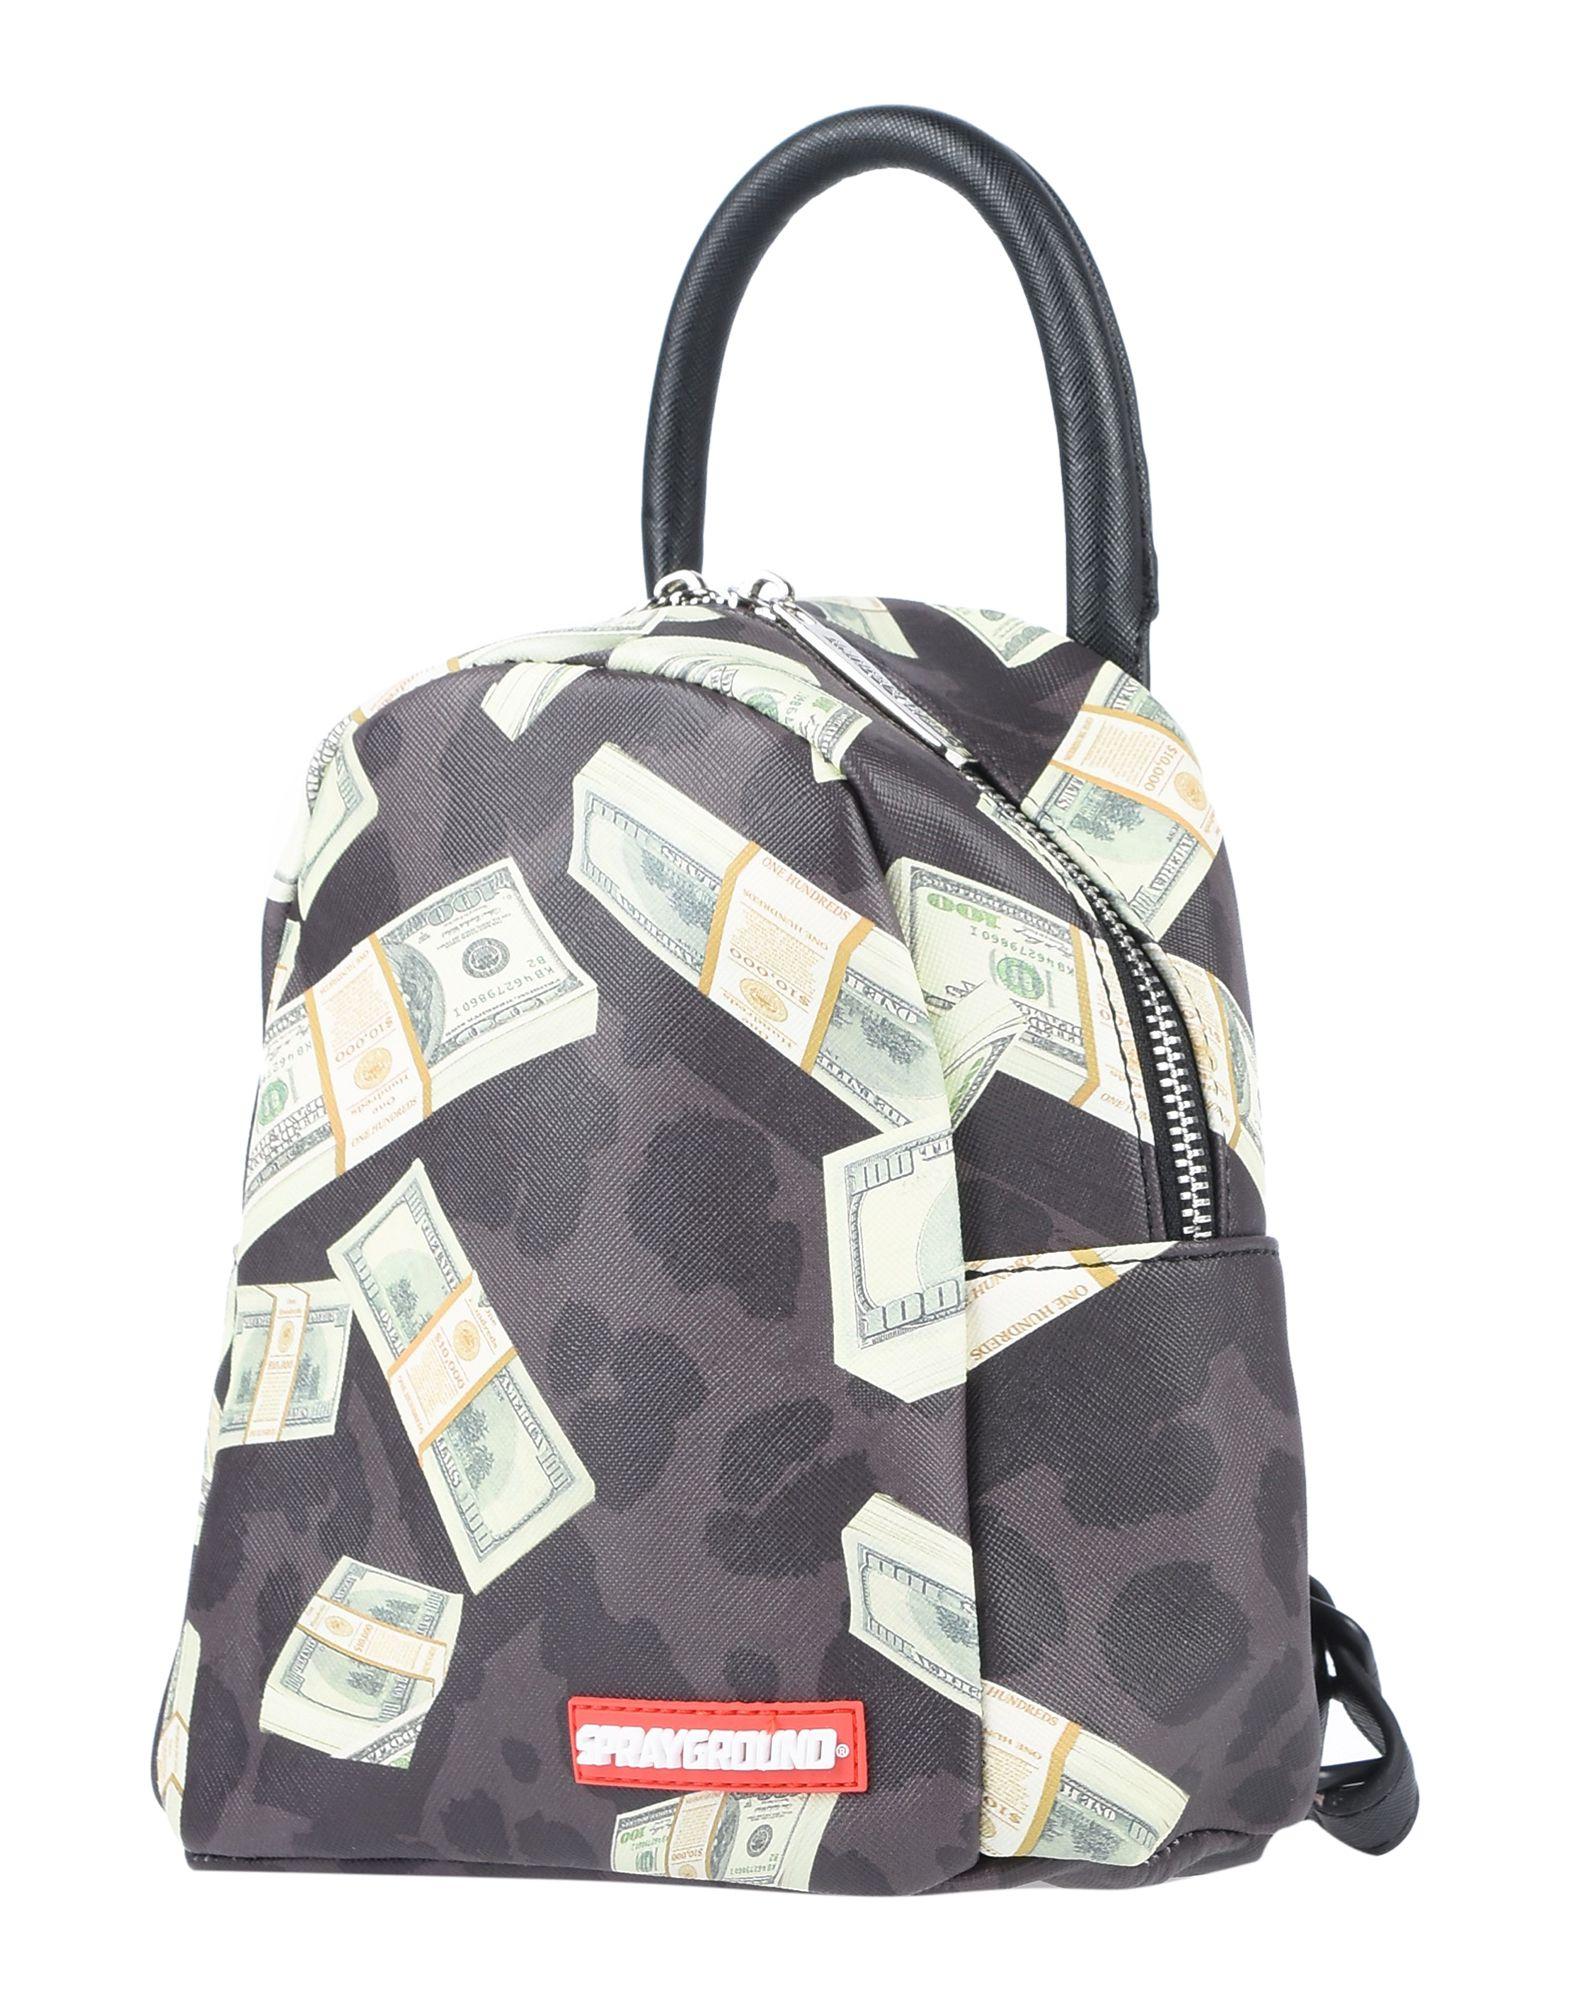 SPRAYGROUND Рюкзаки и сумки на пояс сумки magnolia сумка женская a761 7363 лак искусственная кожа page 8